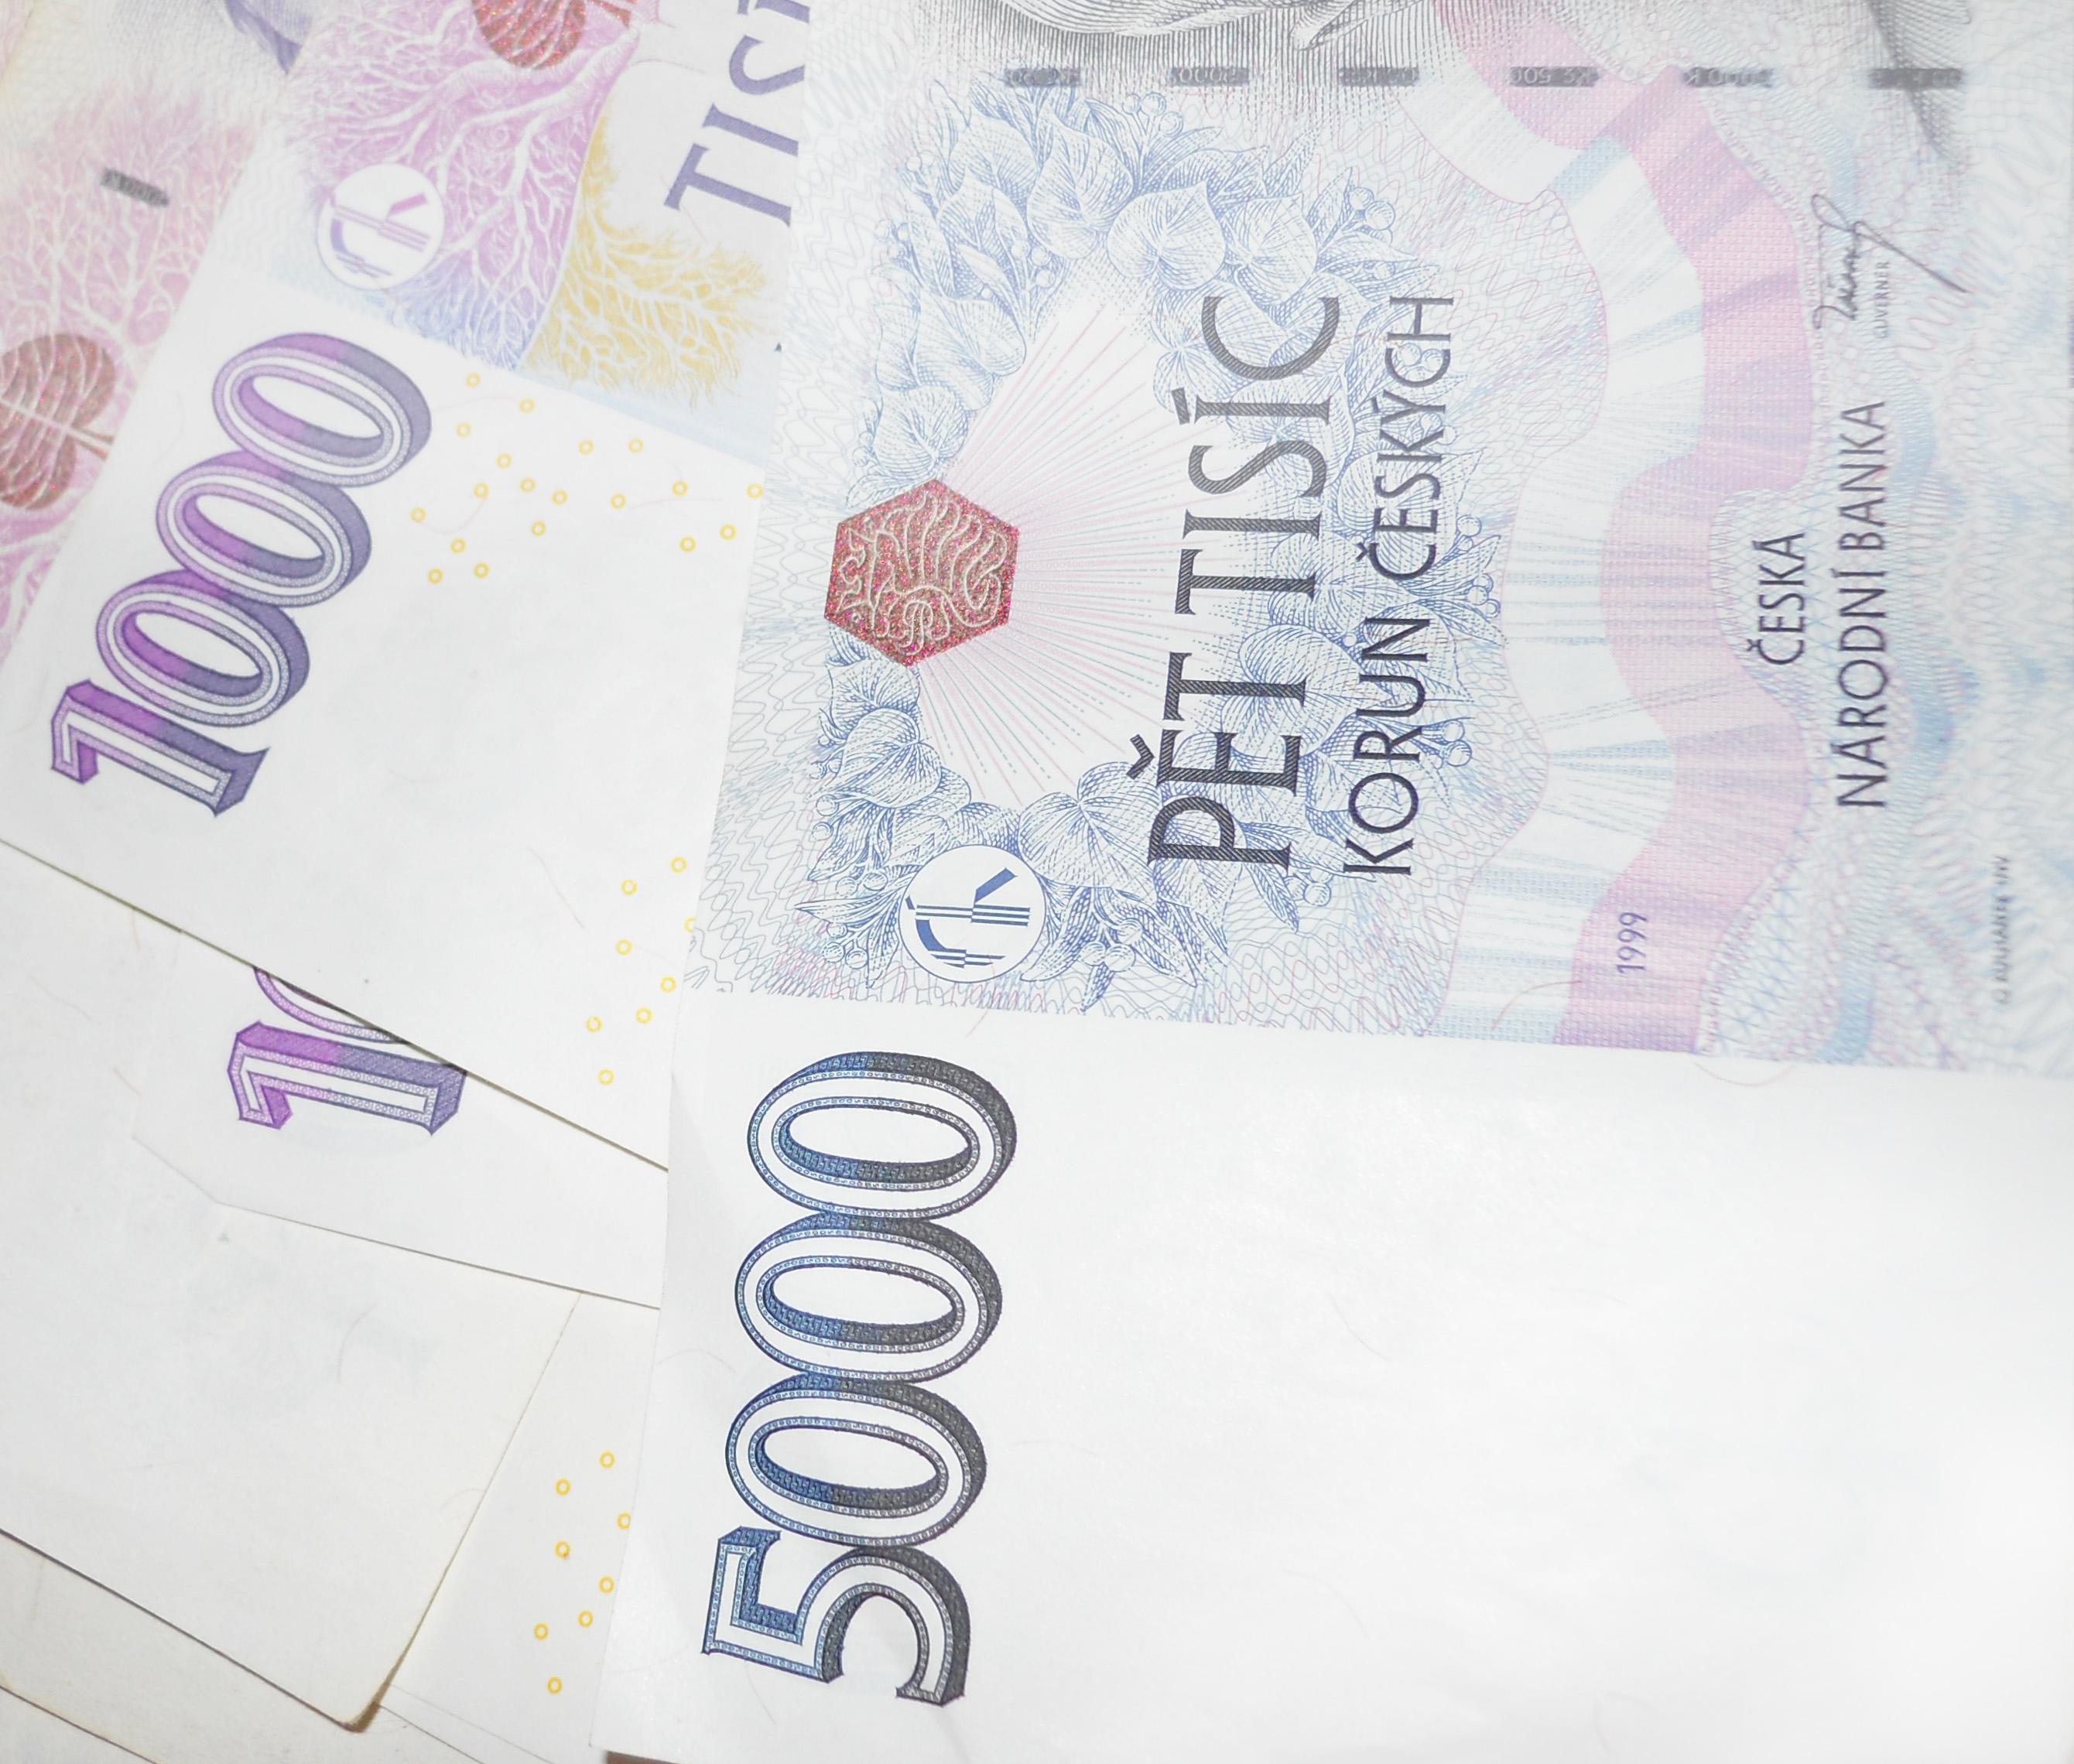 nebankovní půjčky ihned svitavy